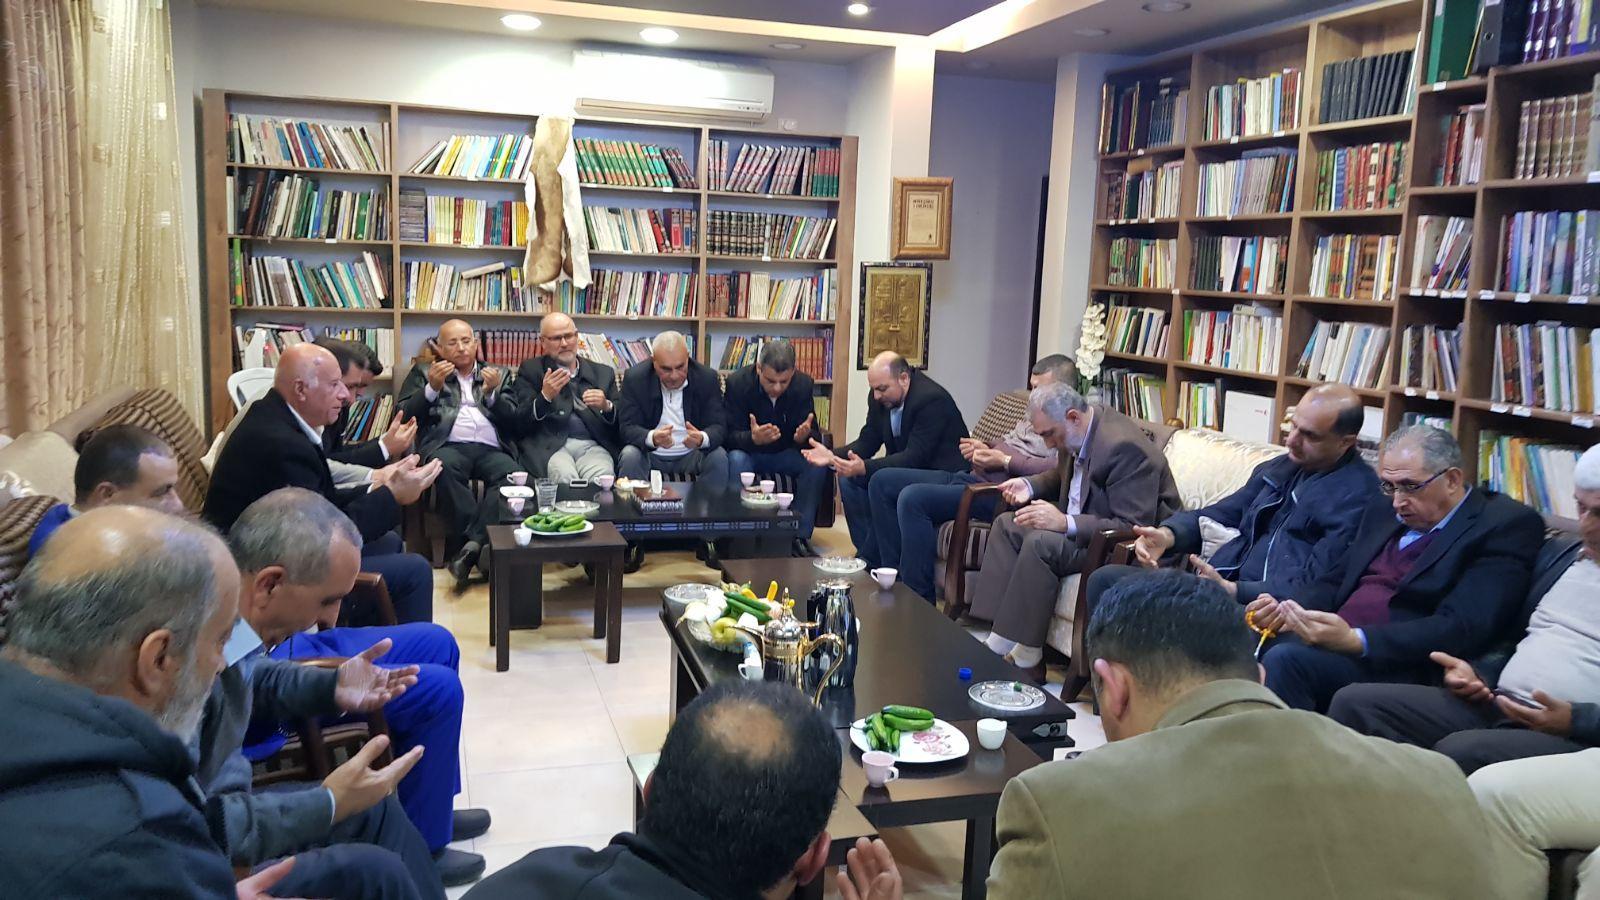 كفركنا: وفد يزور الشيخ خطيب والمجلس يحث على التسامح